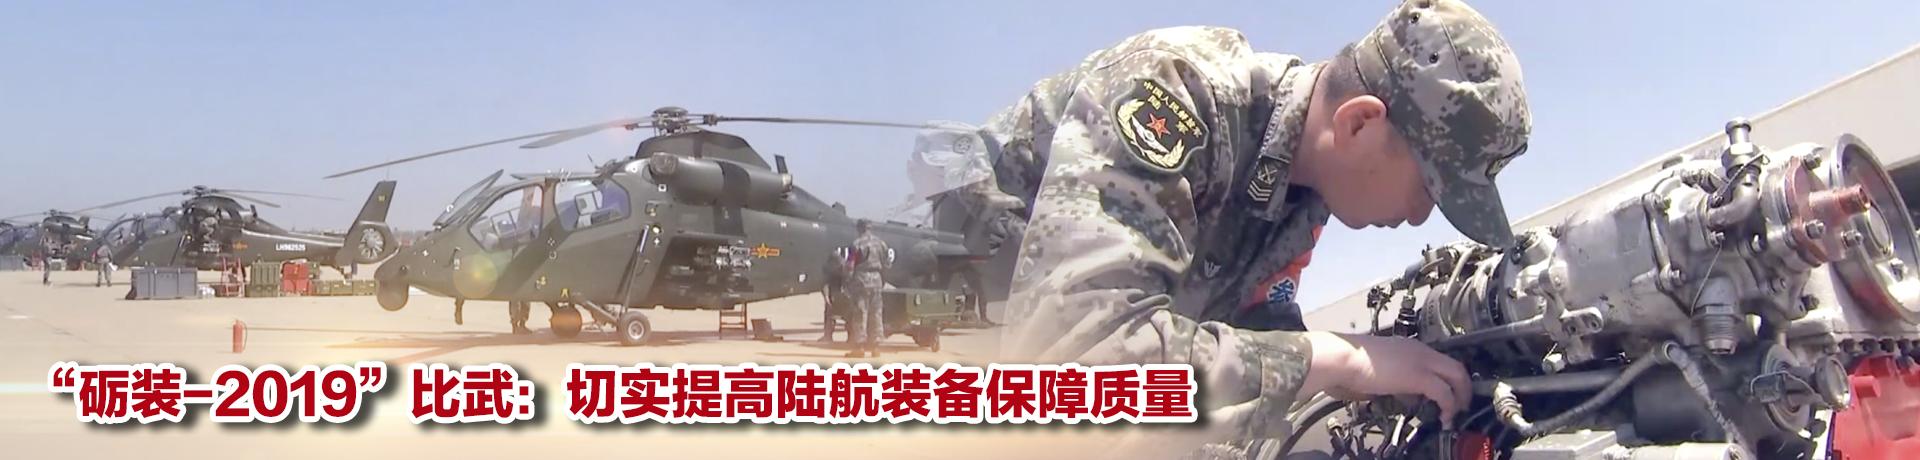 """""""砺装-2019""""比武:切实提高陆航装备保障质量"""